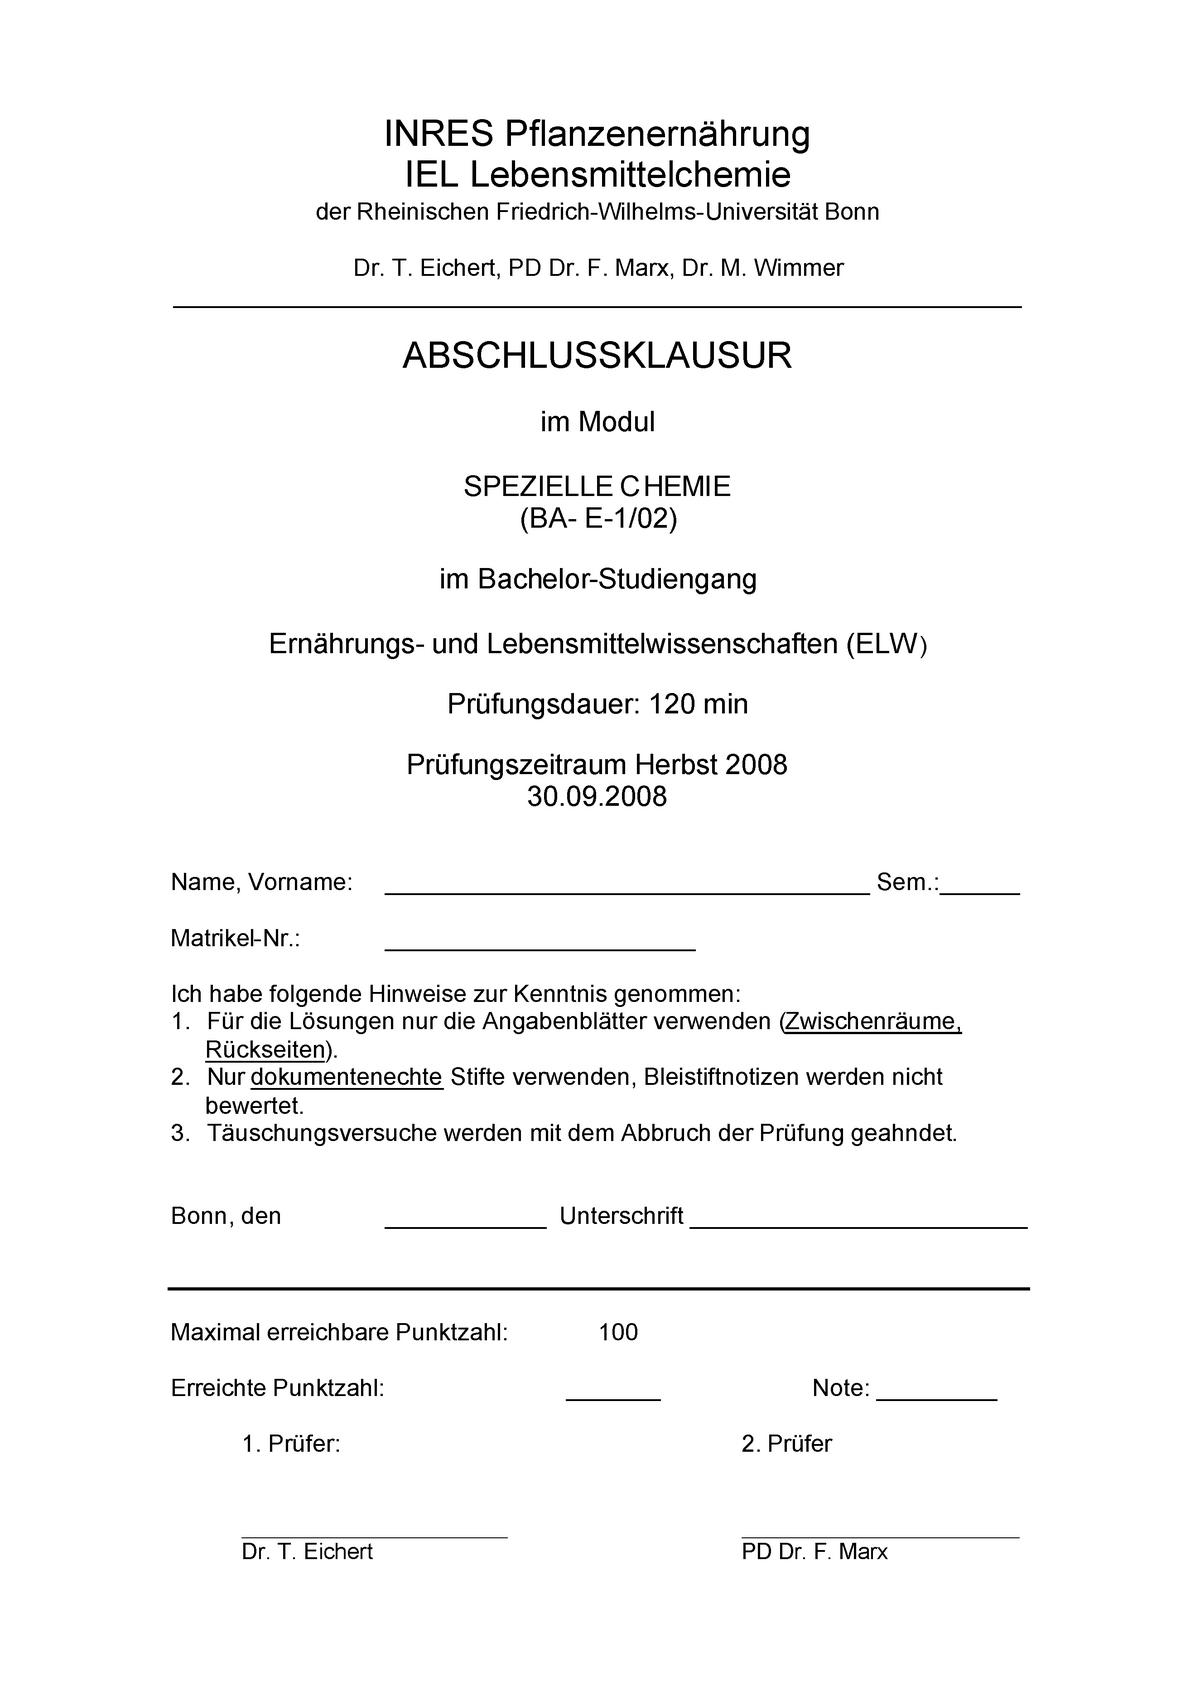 Klausur Spez Chemie 1 Past Exam Questions 707441010